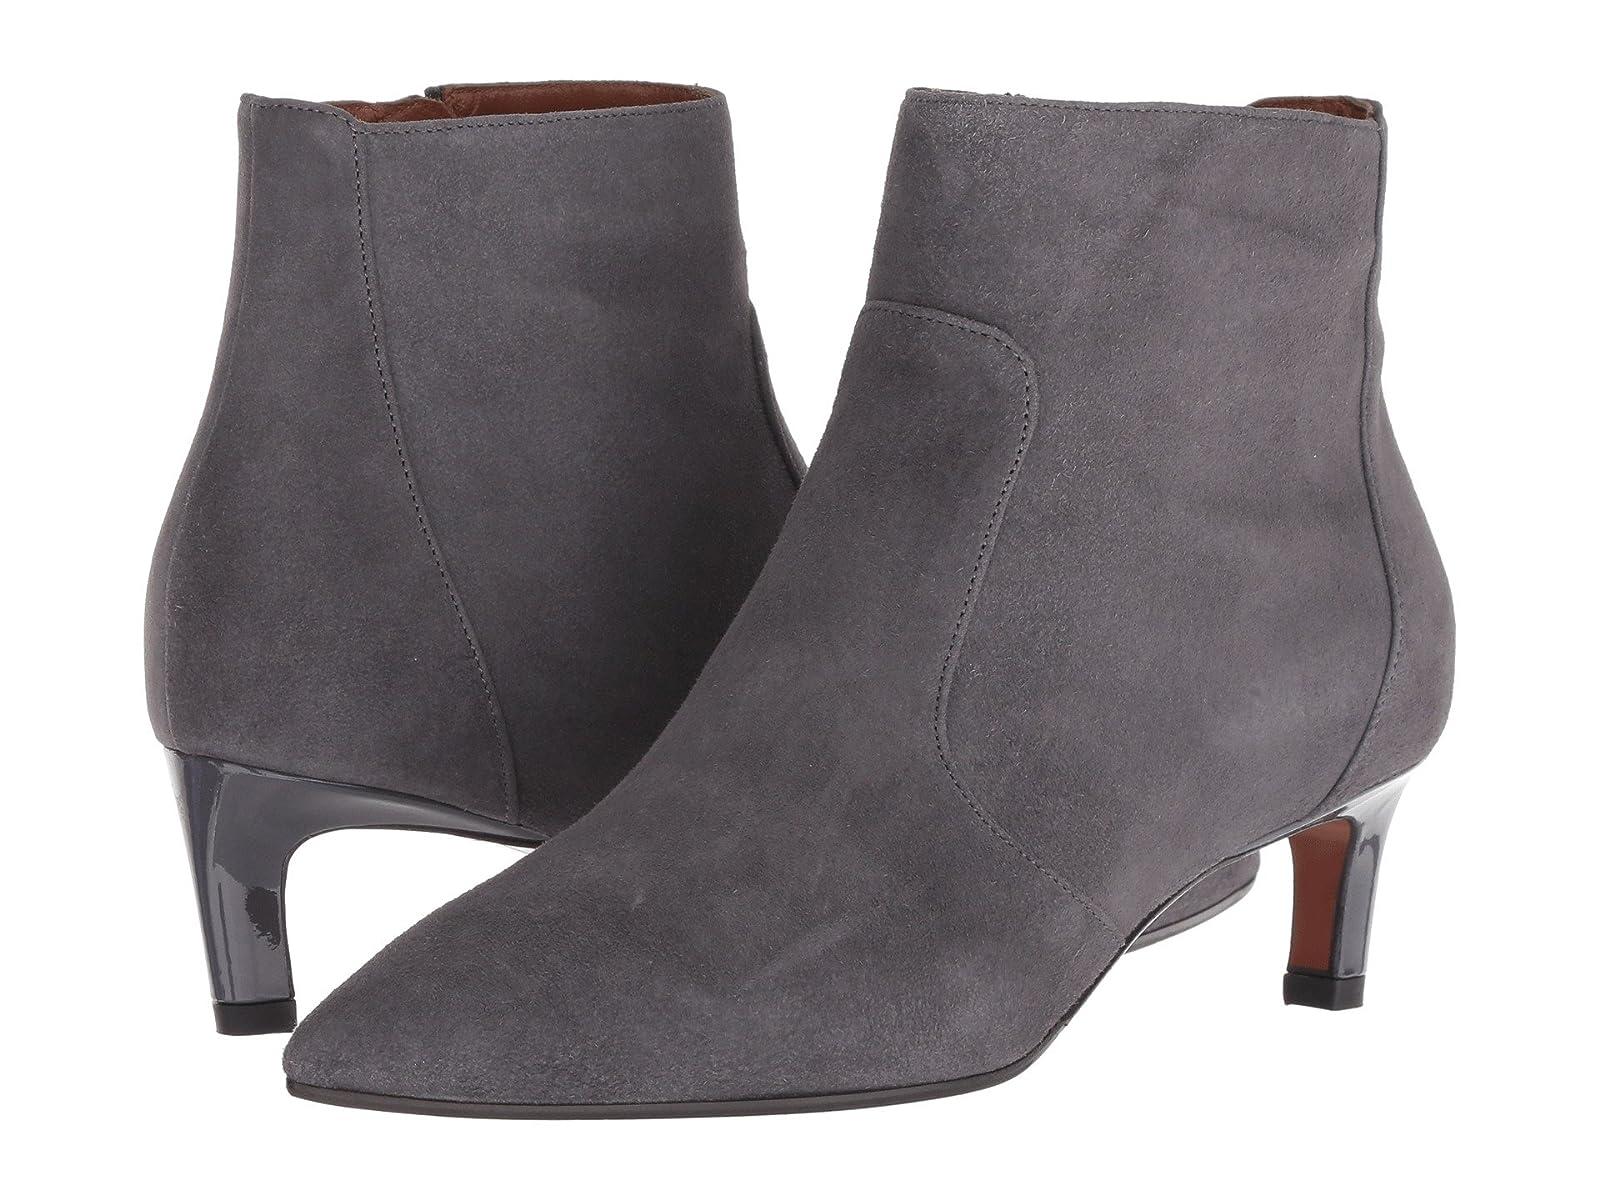 Aquatalia MarilisaSelling fashionable and eye-catching shoes